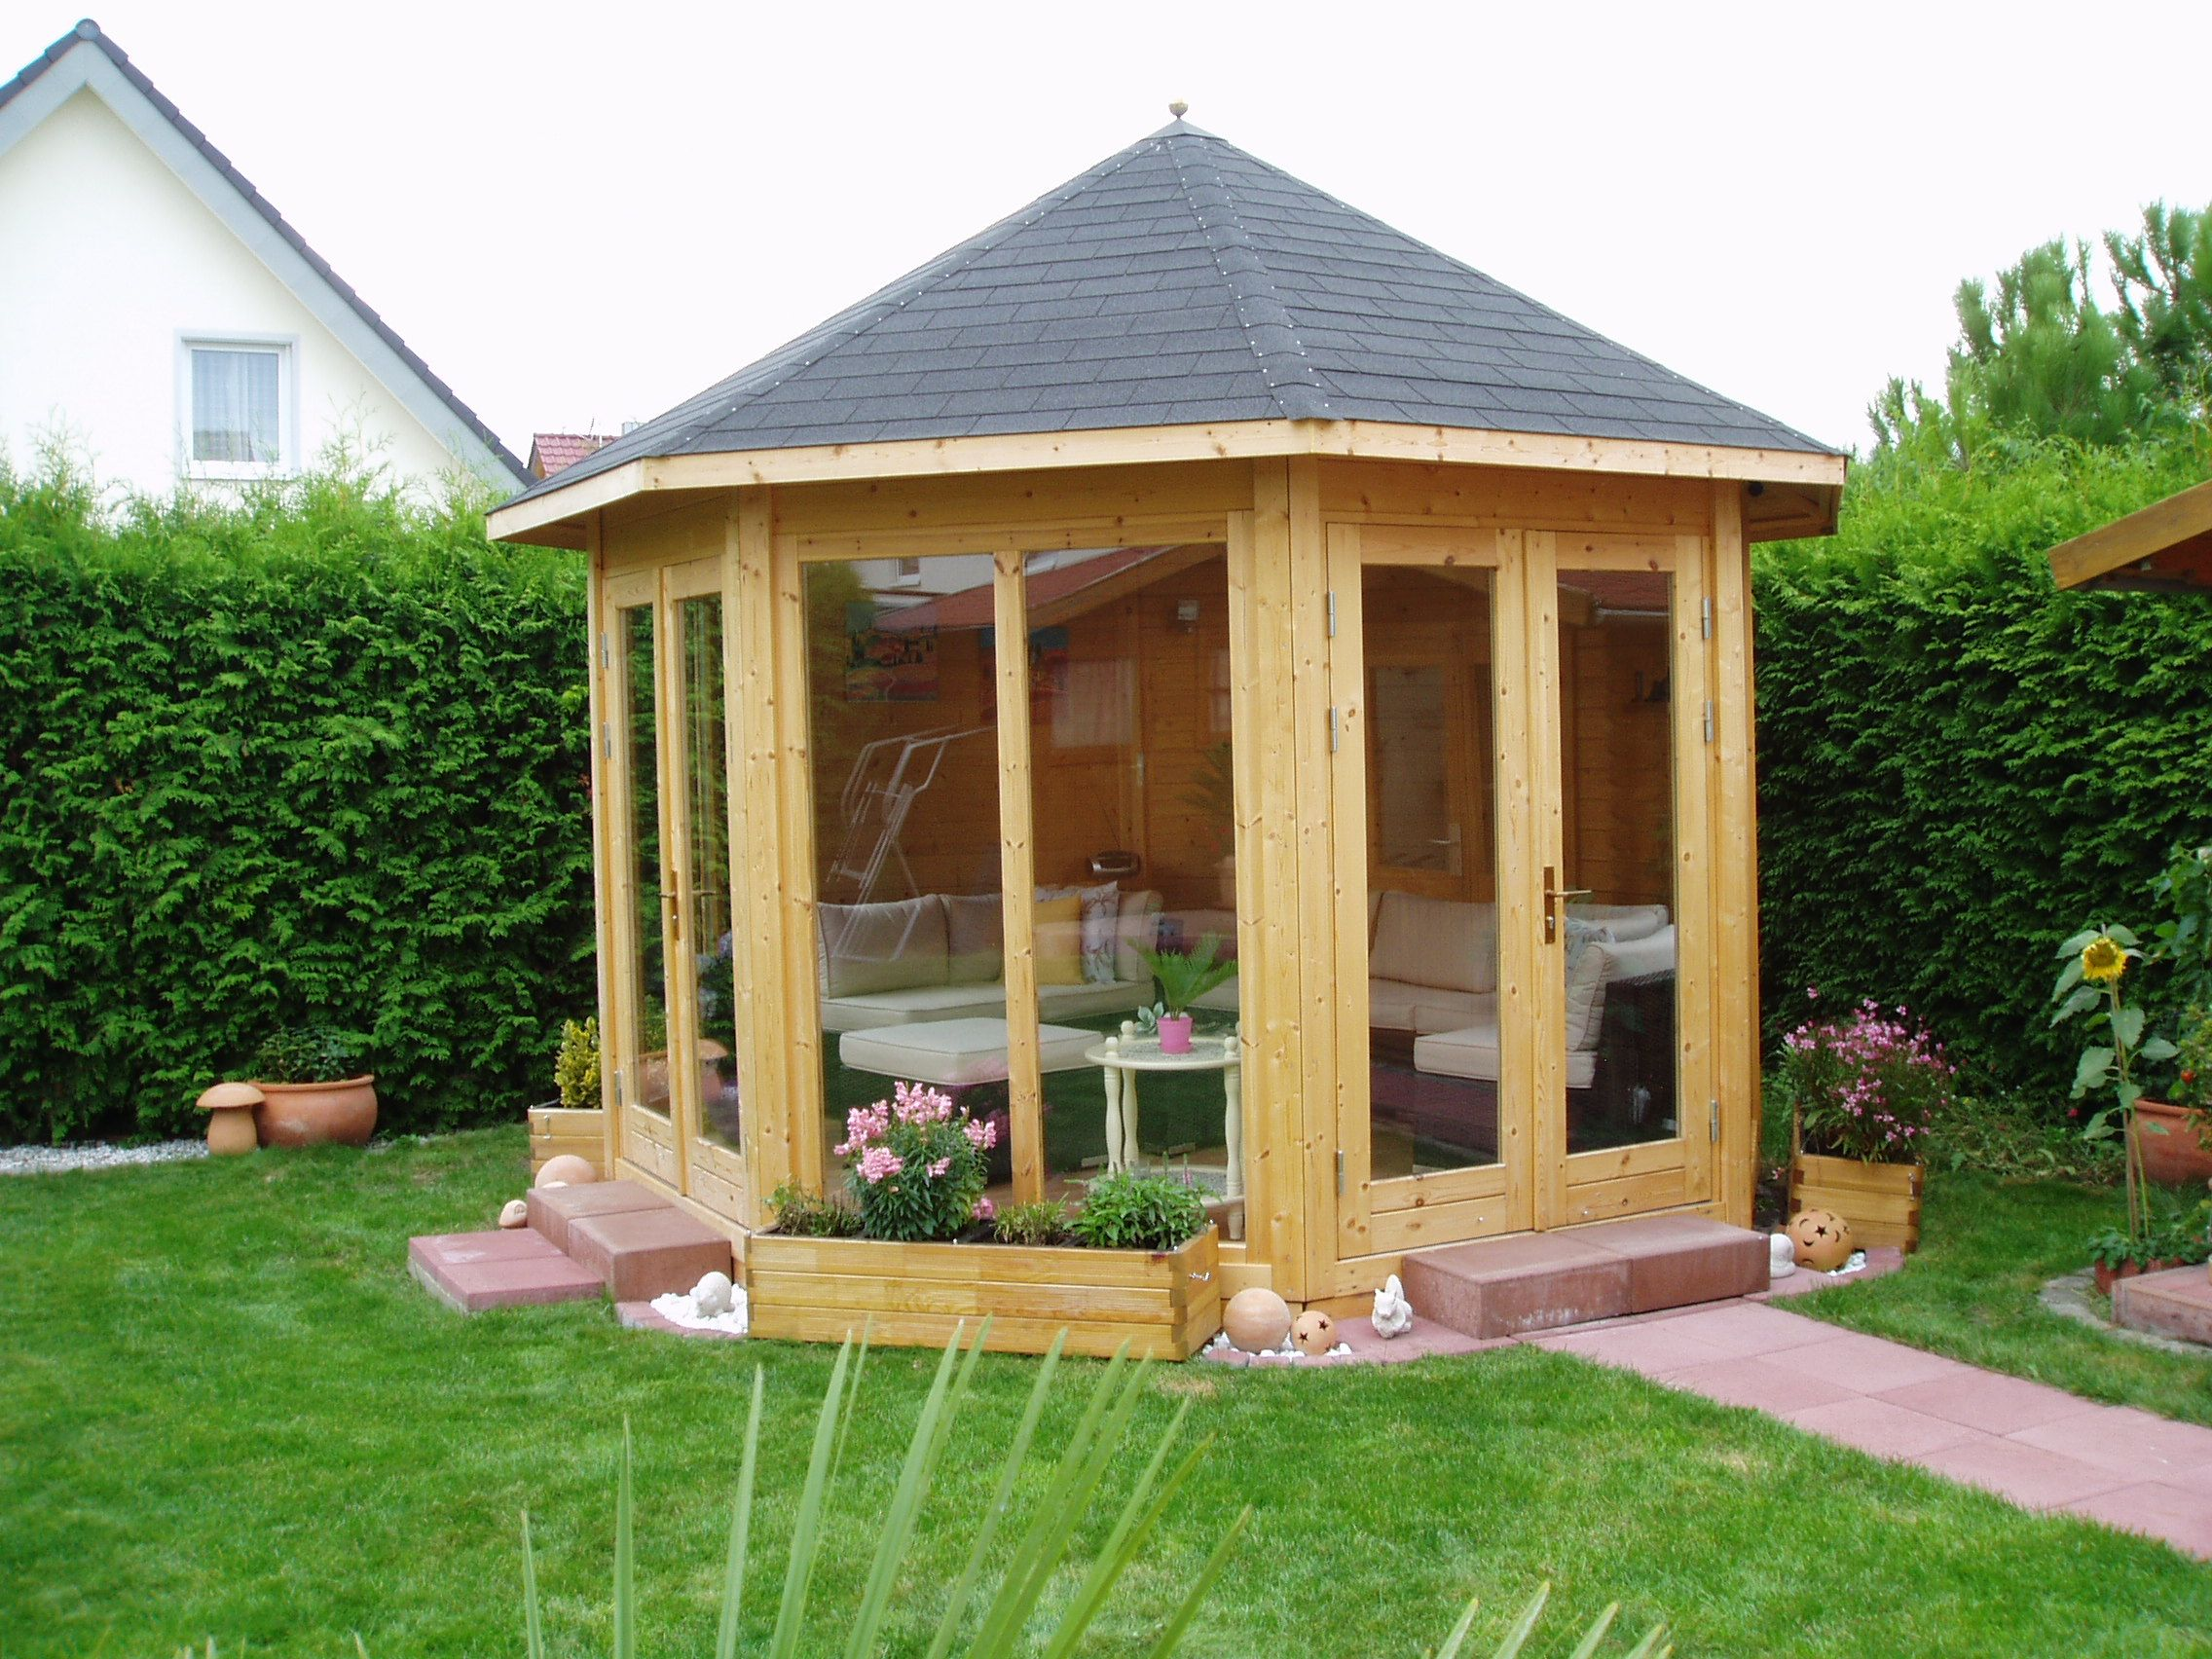 Gartenpavillon design  Gartenpavillon aus Holz mit gemütlicher Sitzecke ...